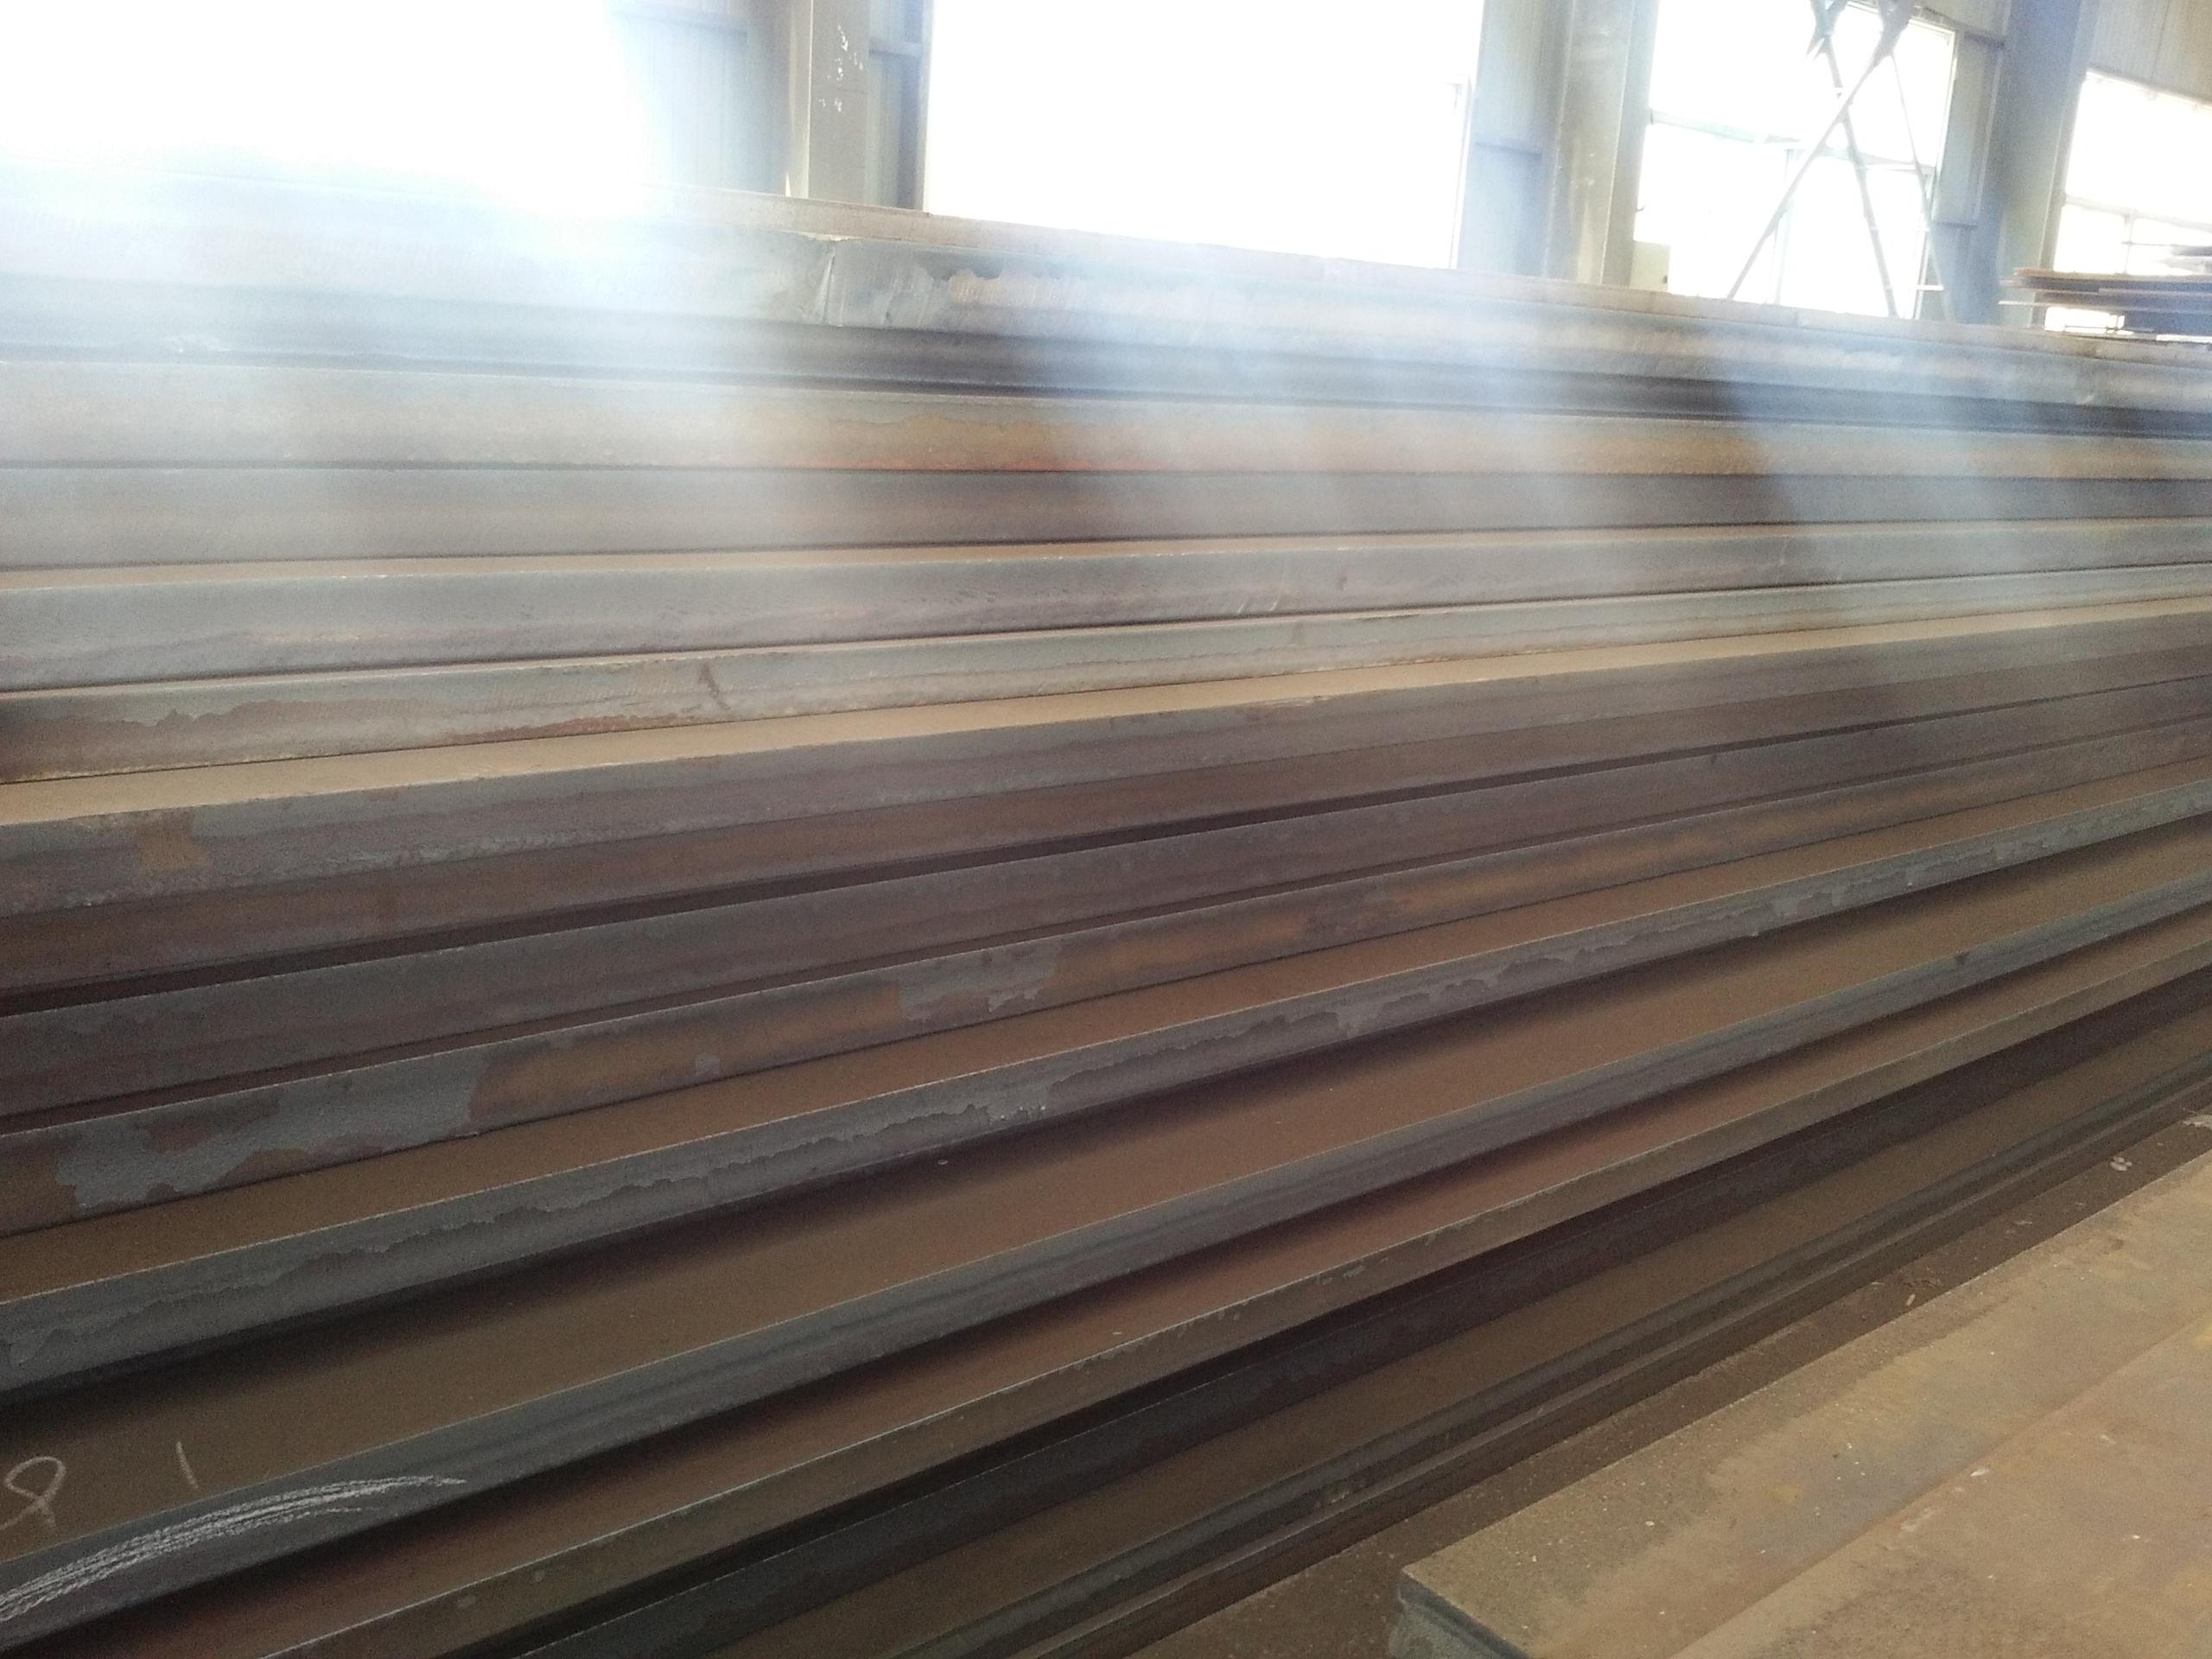 供应用于造船的DH32/36 舞钢优质船板 DH32/36 舞钢船板